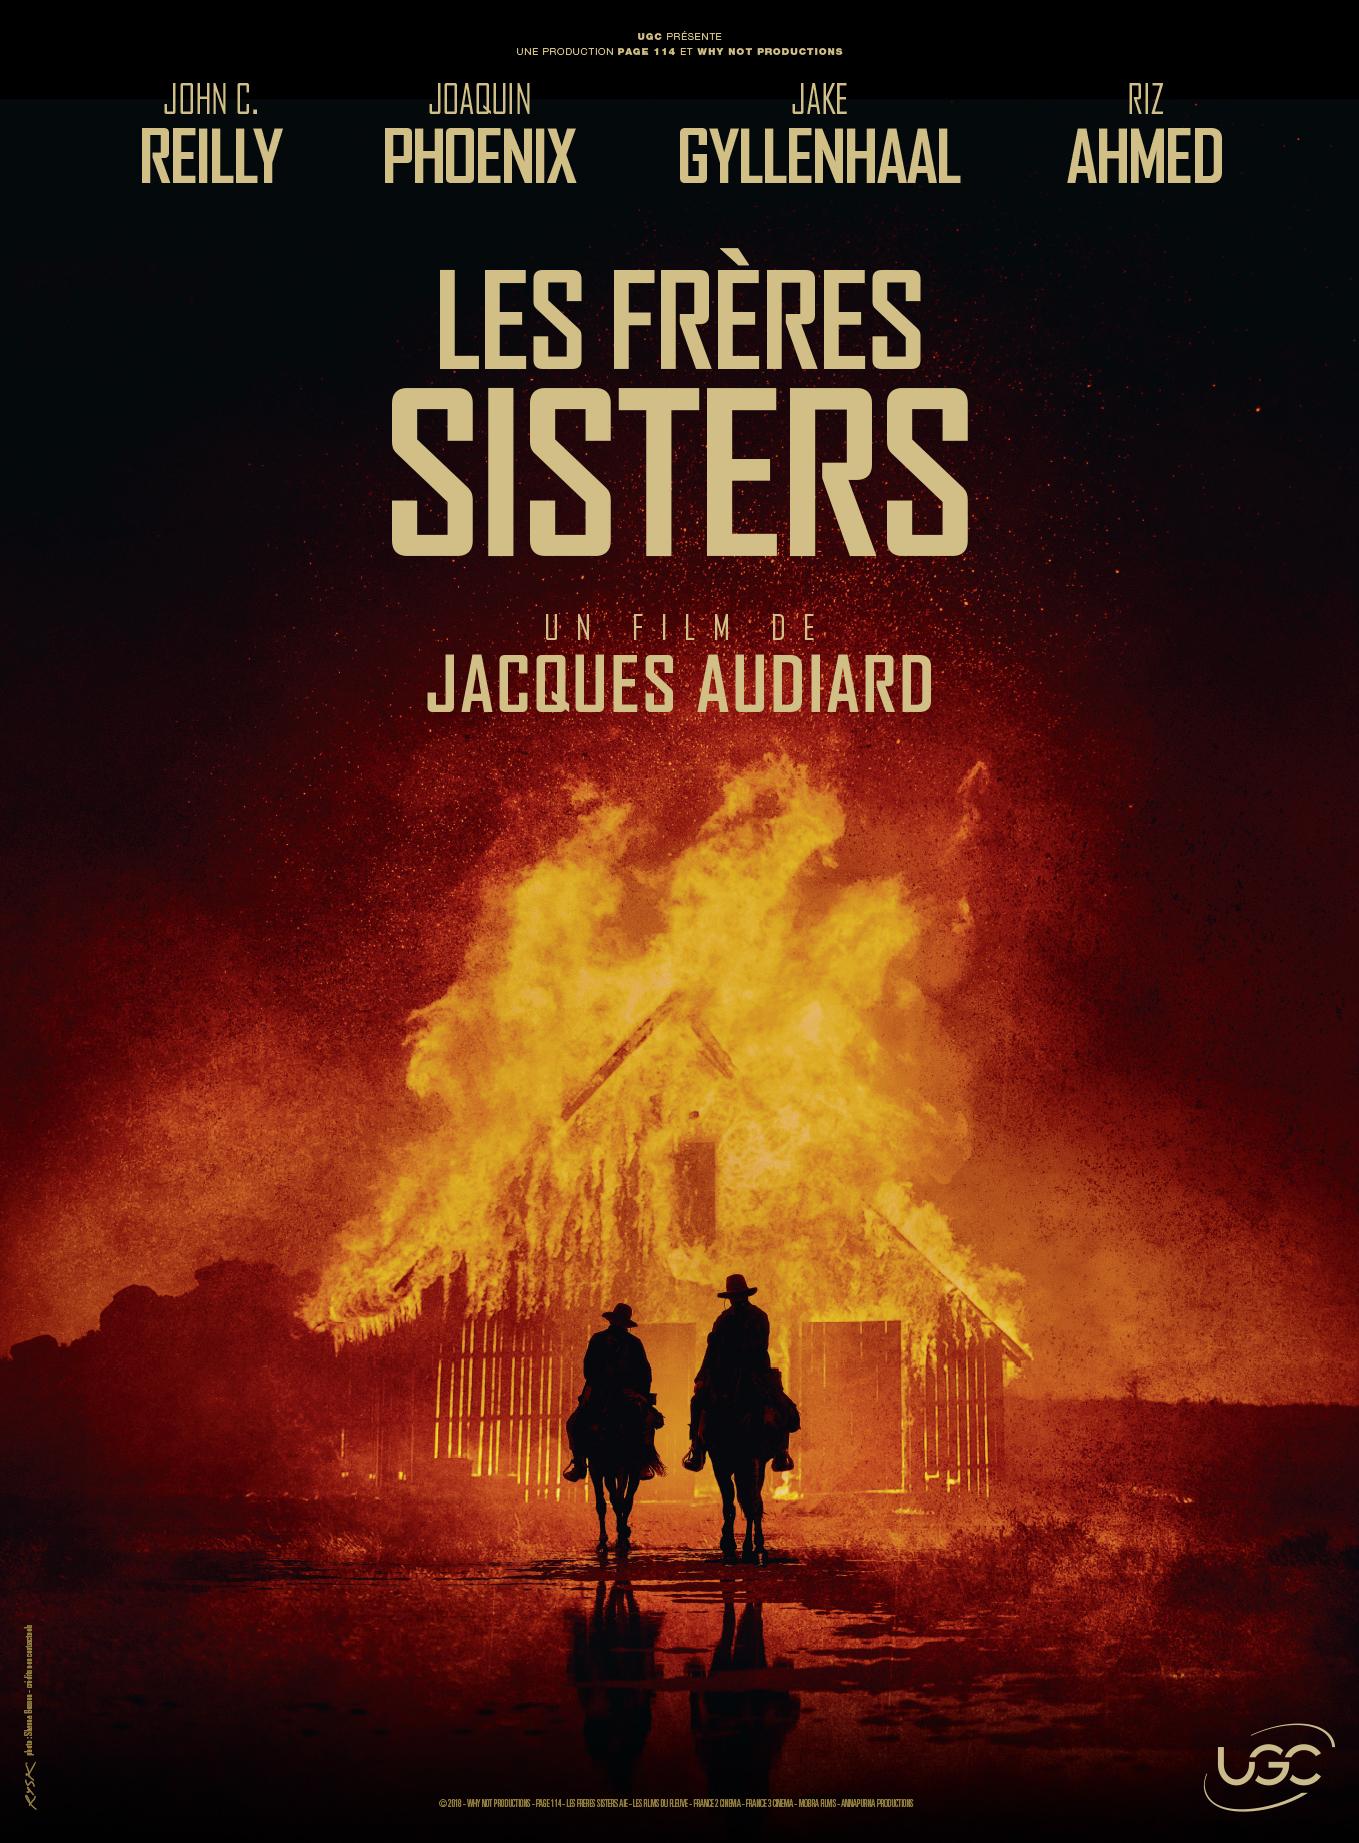 les frères sisters : la critique